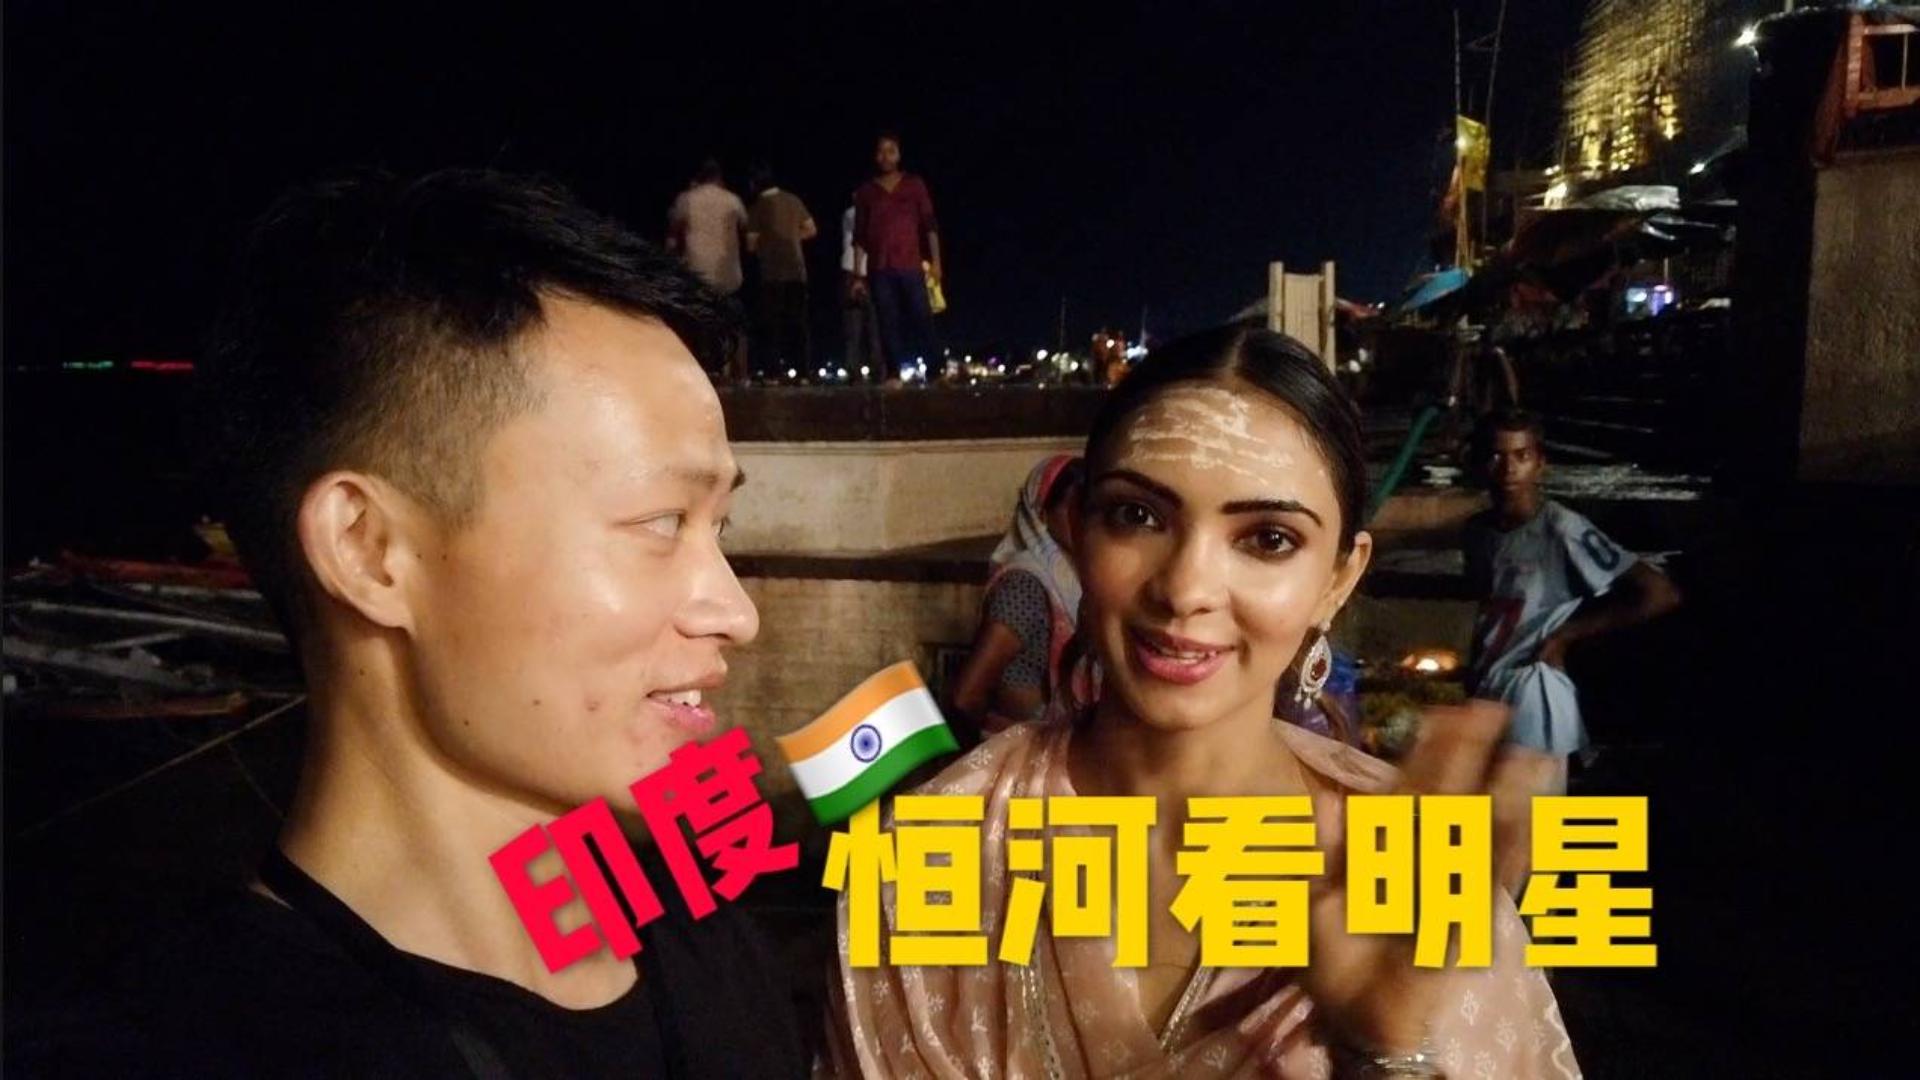 体验印度:恒河印度女明星,她用中文向大家问好,对中国人很好!